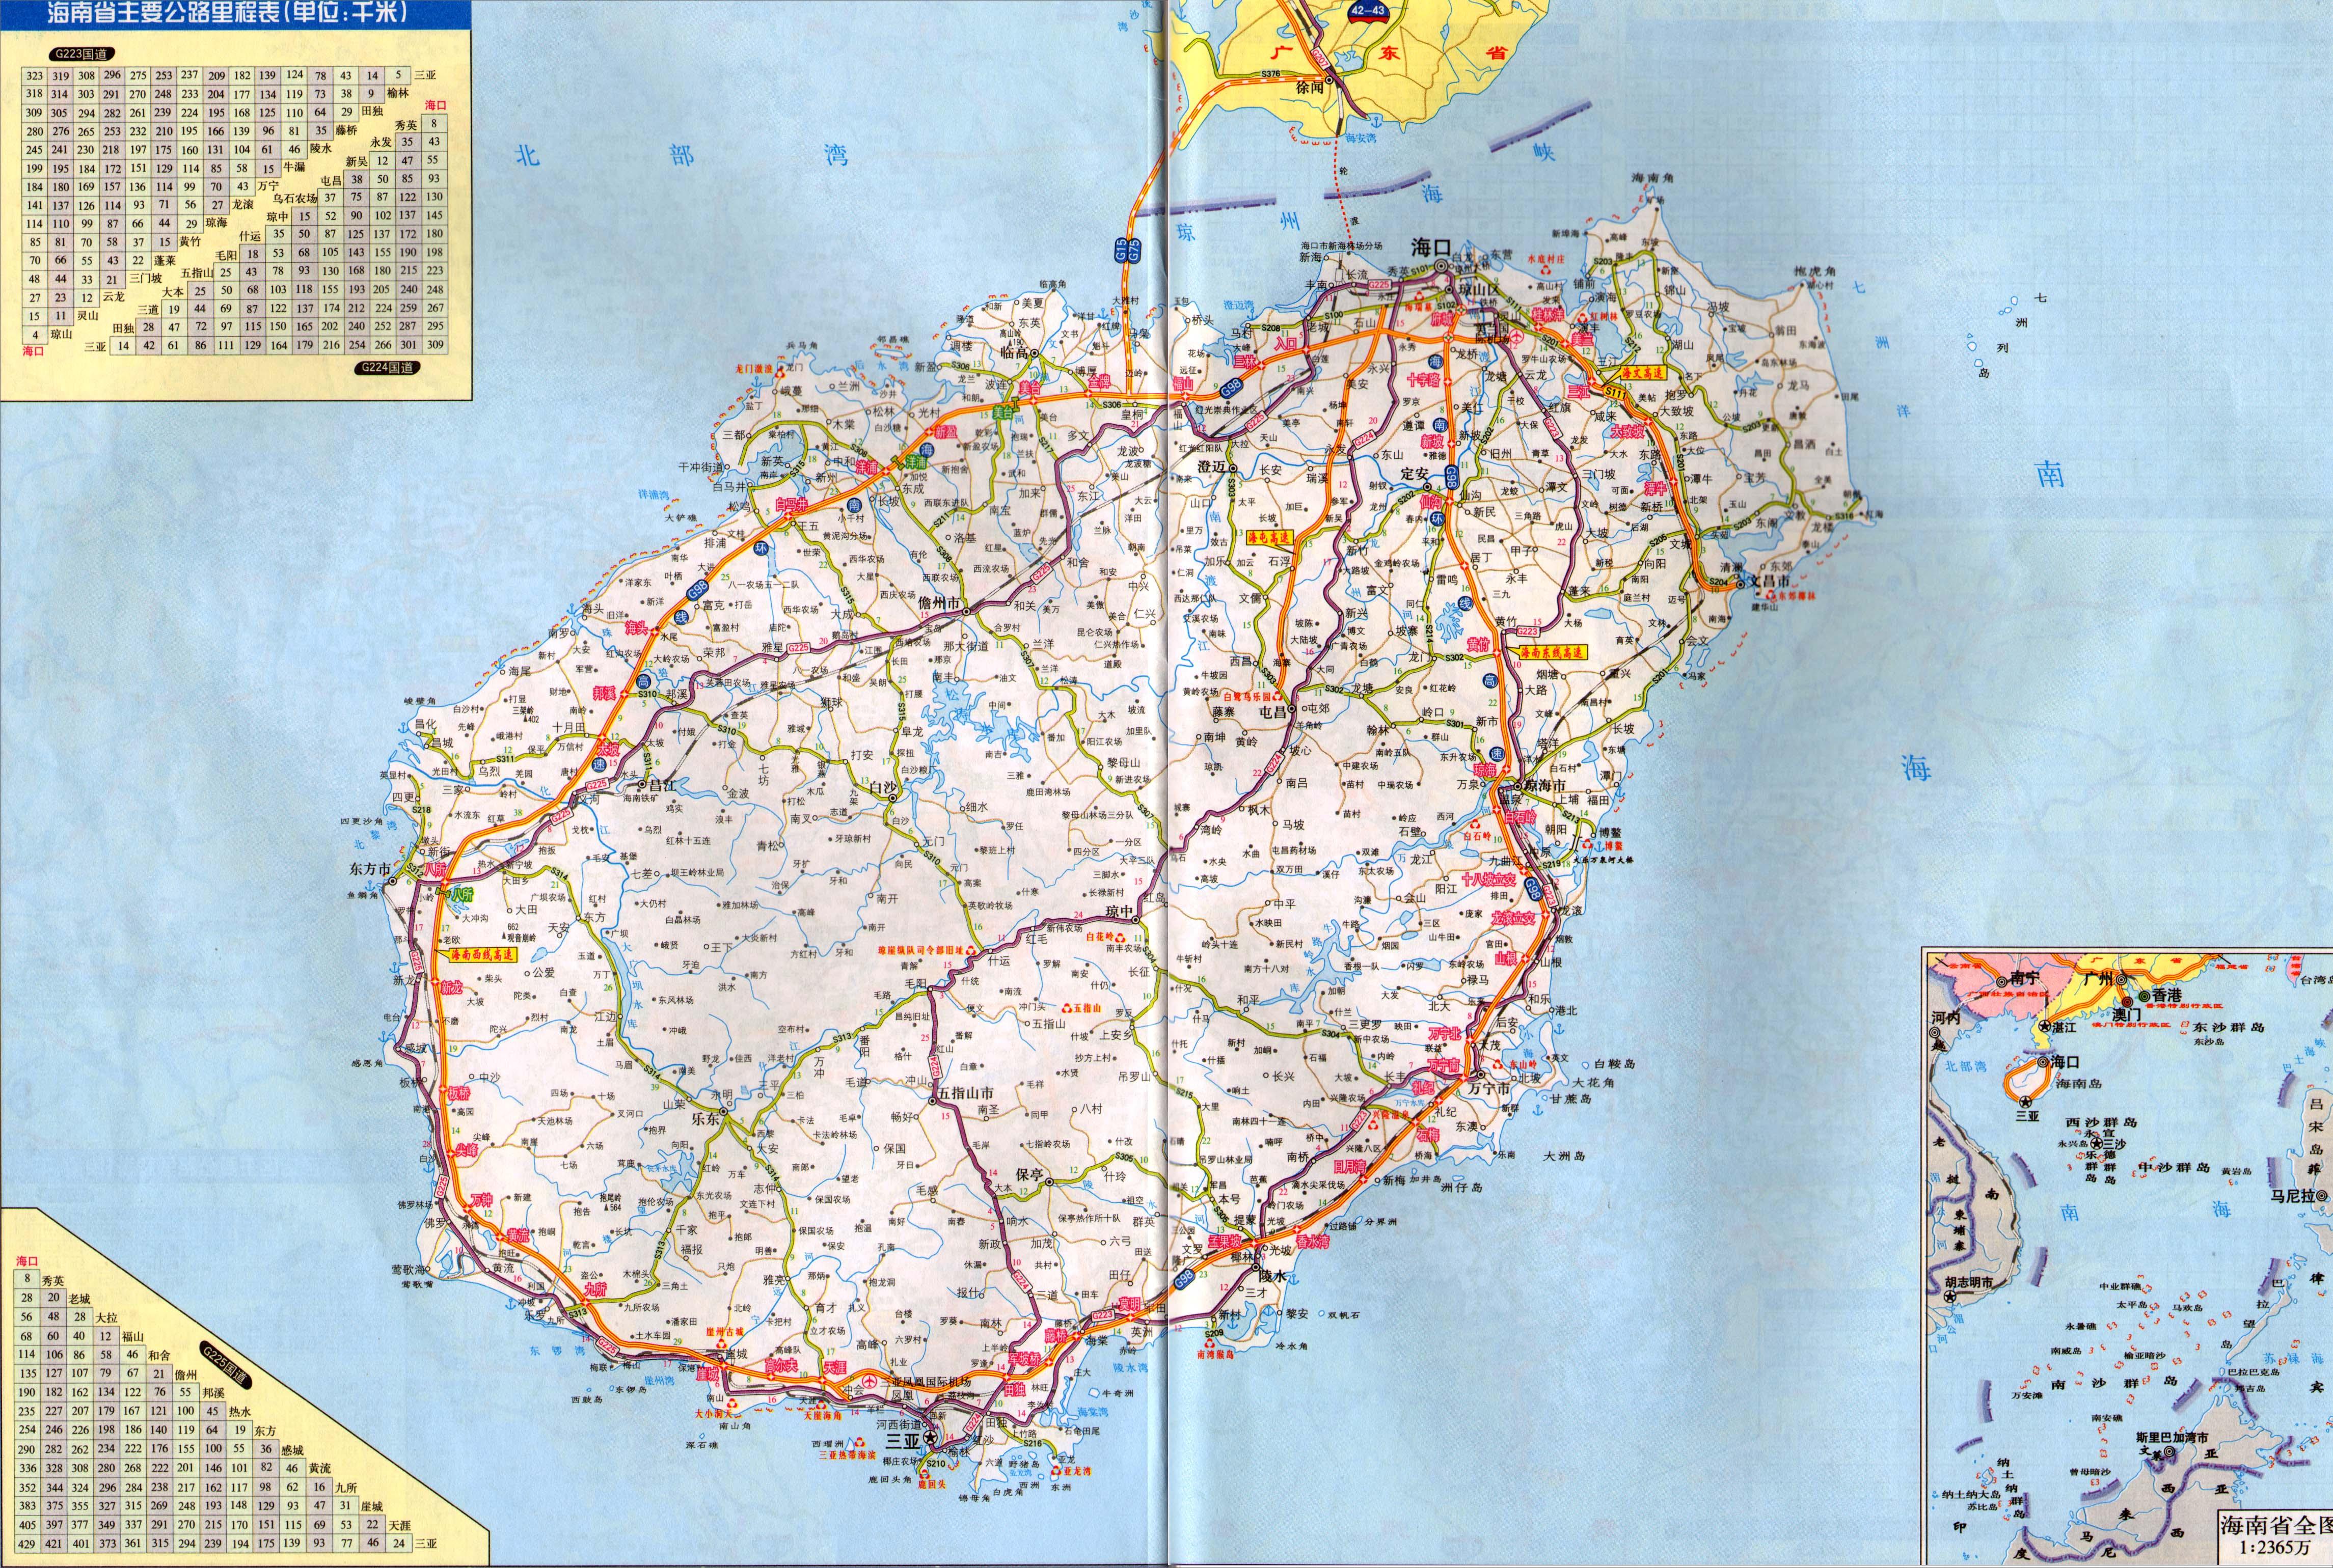 海南高速公路地图2016版